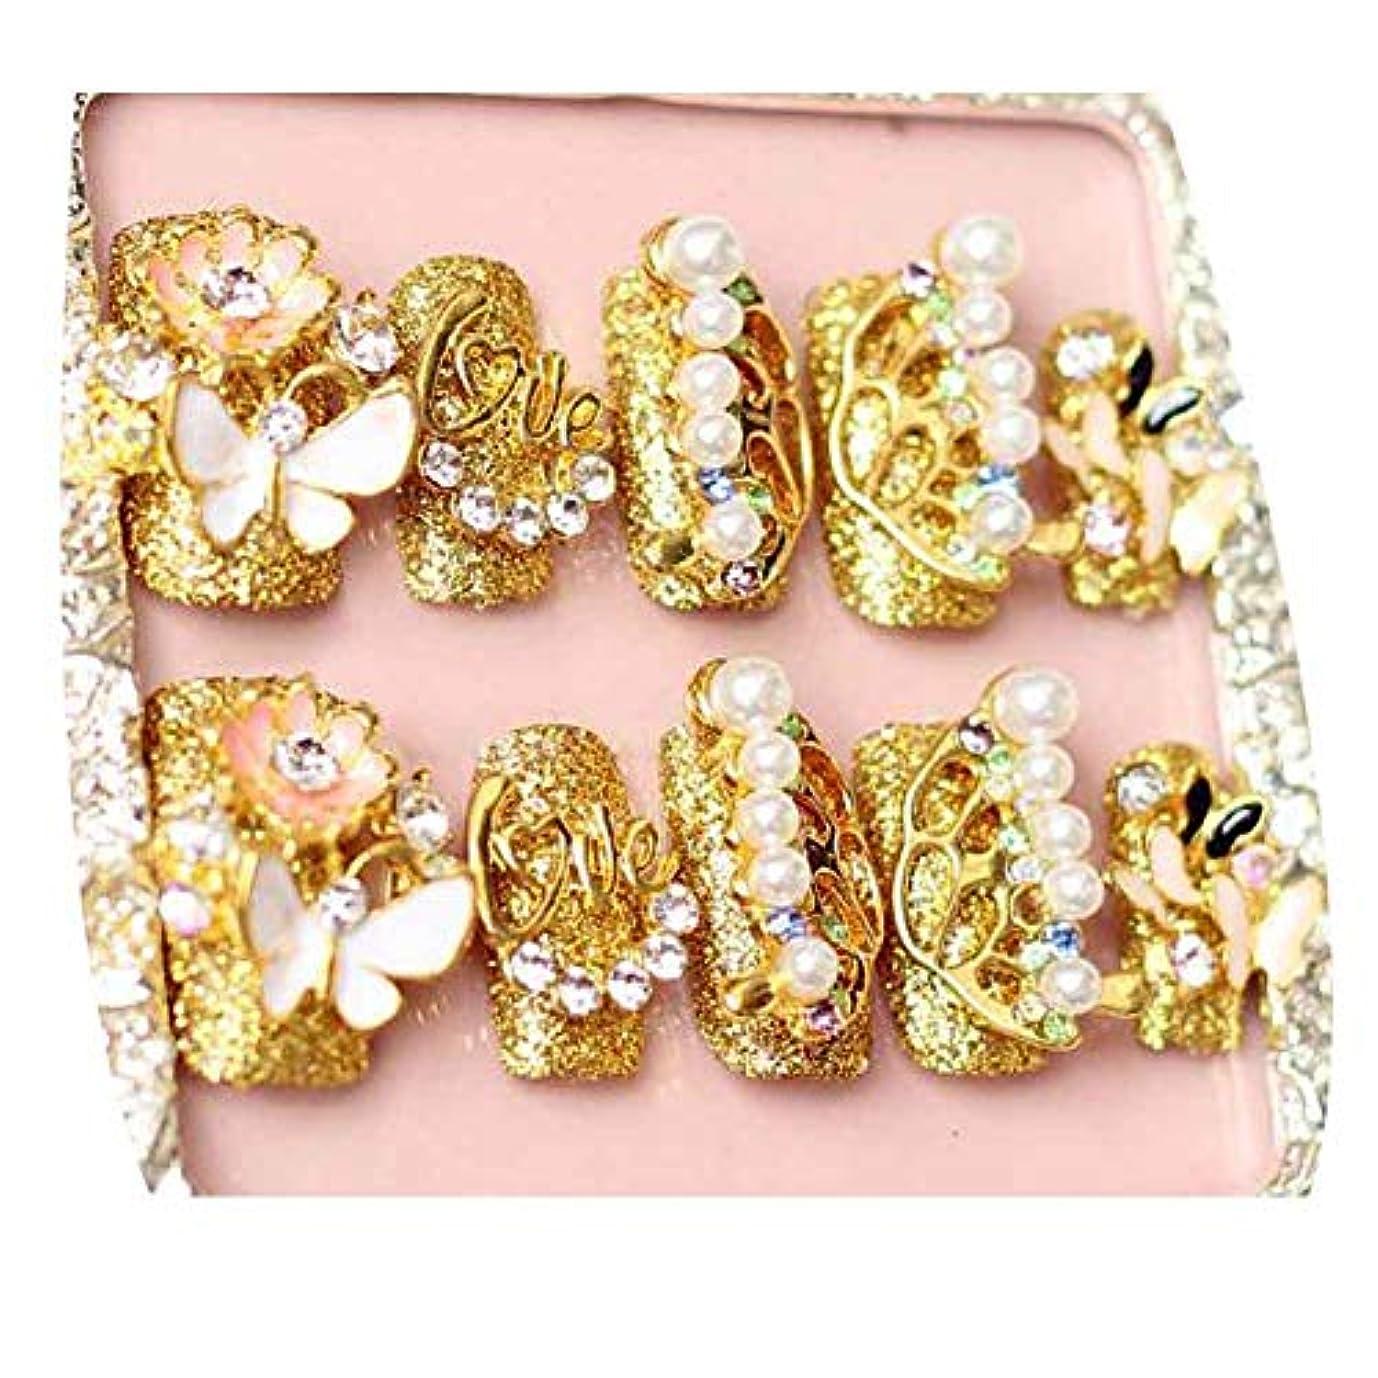 負担対話罪蝶 - ゴールドカラー偽爪結婚式人工爪のヒントビーズネイルアート